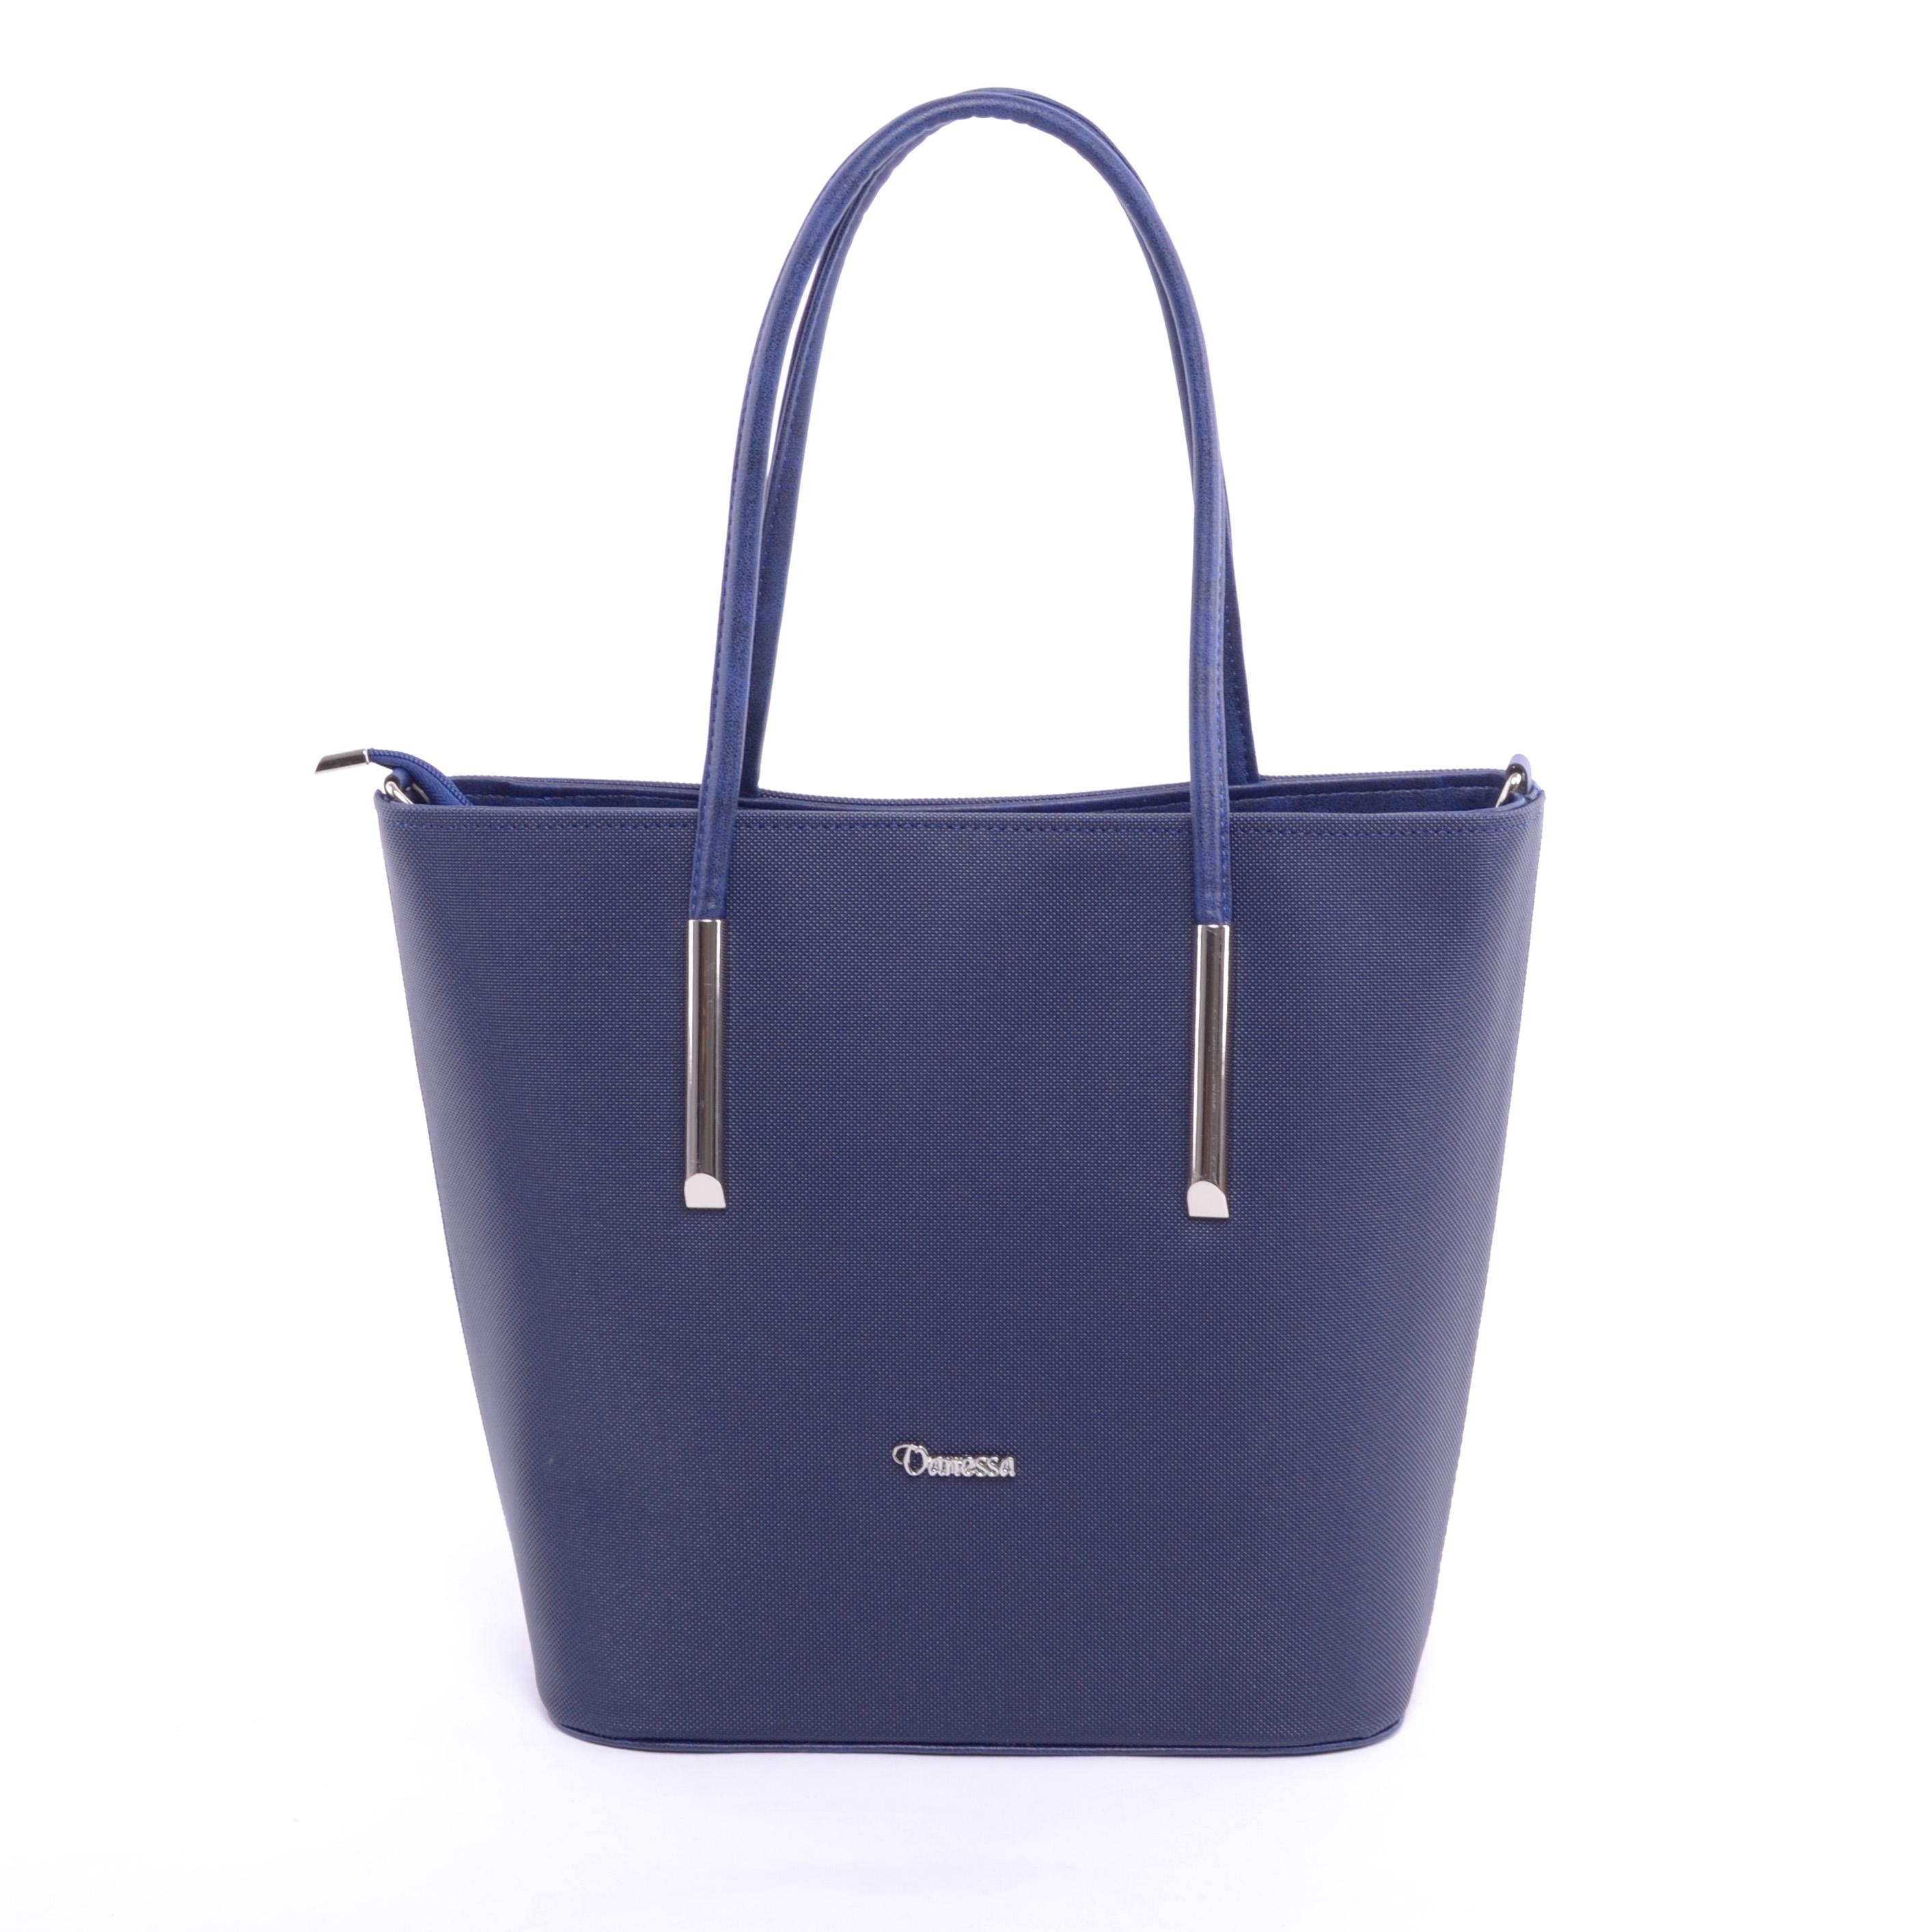 Vanessa Női Rostbőr Válltáska Kék - Válltáskák - Táska webáruház - Minőségi  táskák mindenkinek c2262f1a04